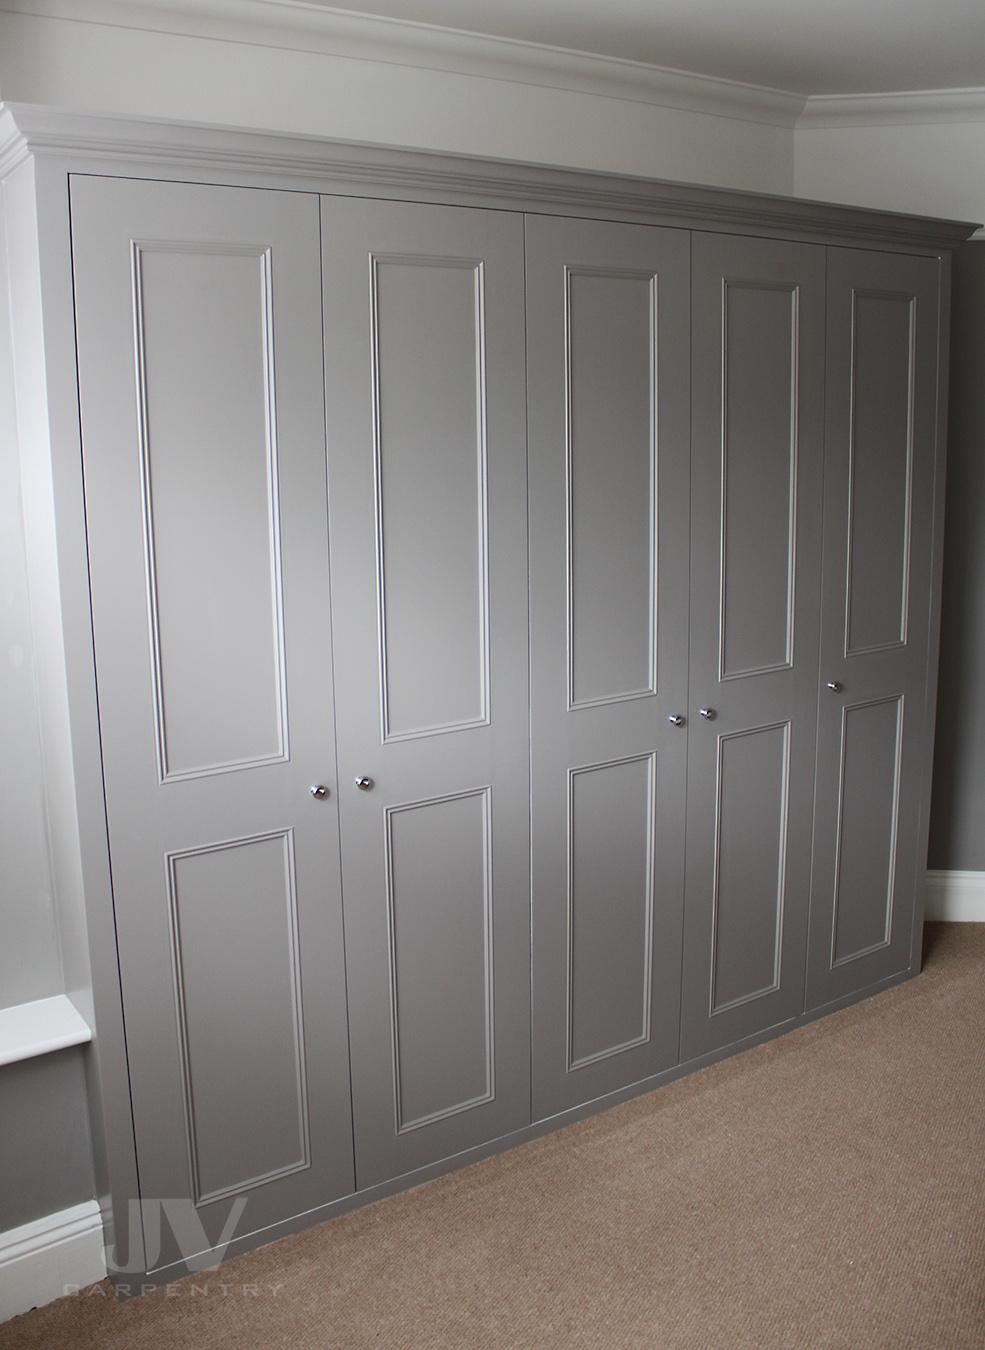 built-in bedroom wardrobe ideas in grey colour